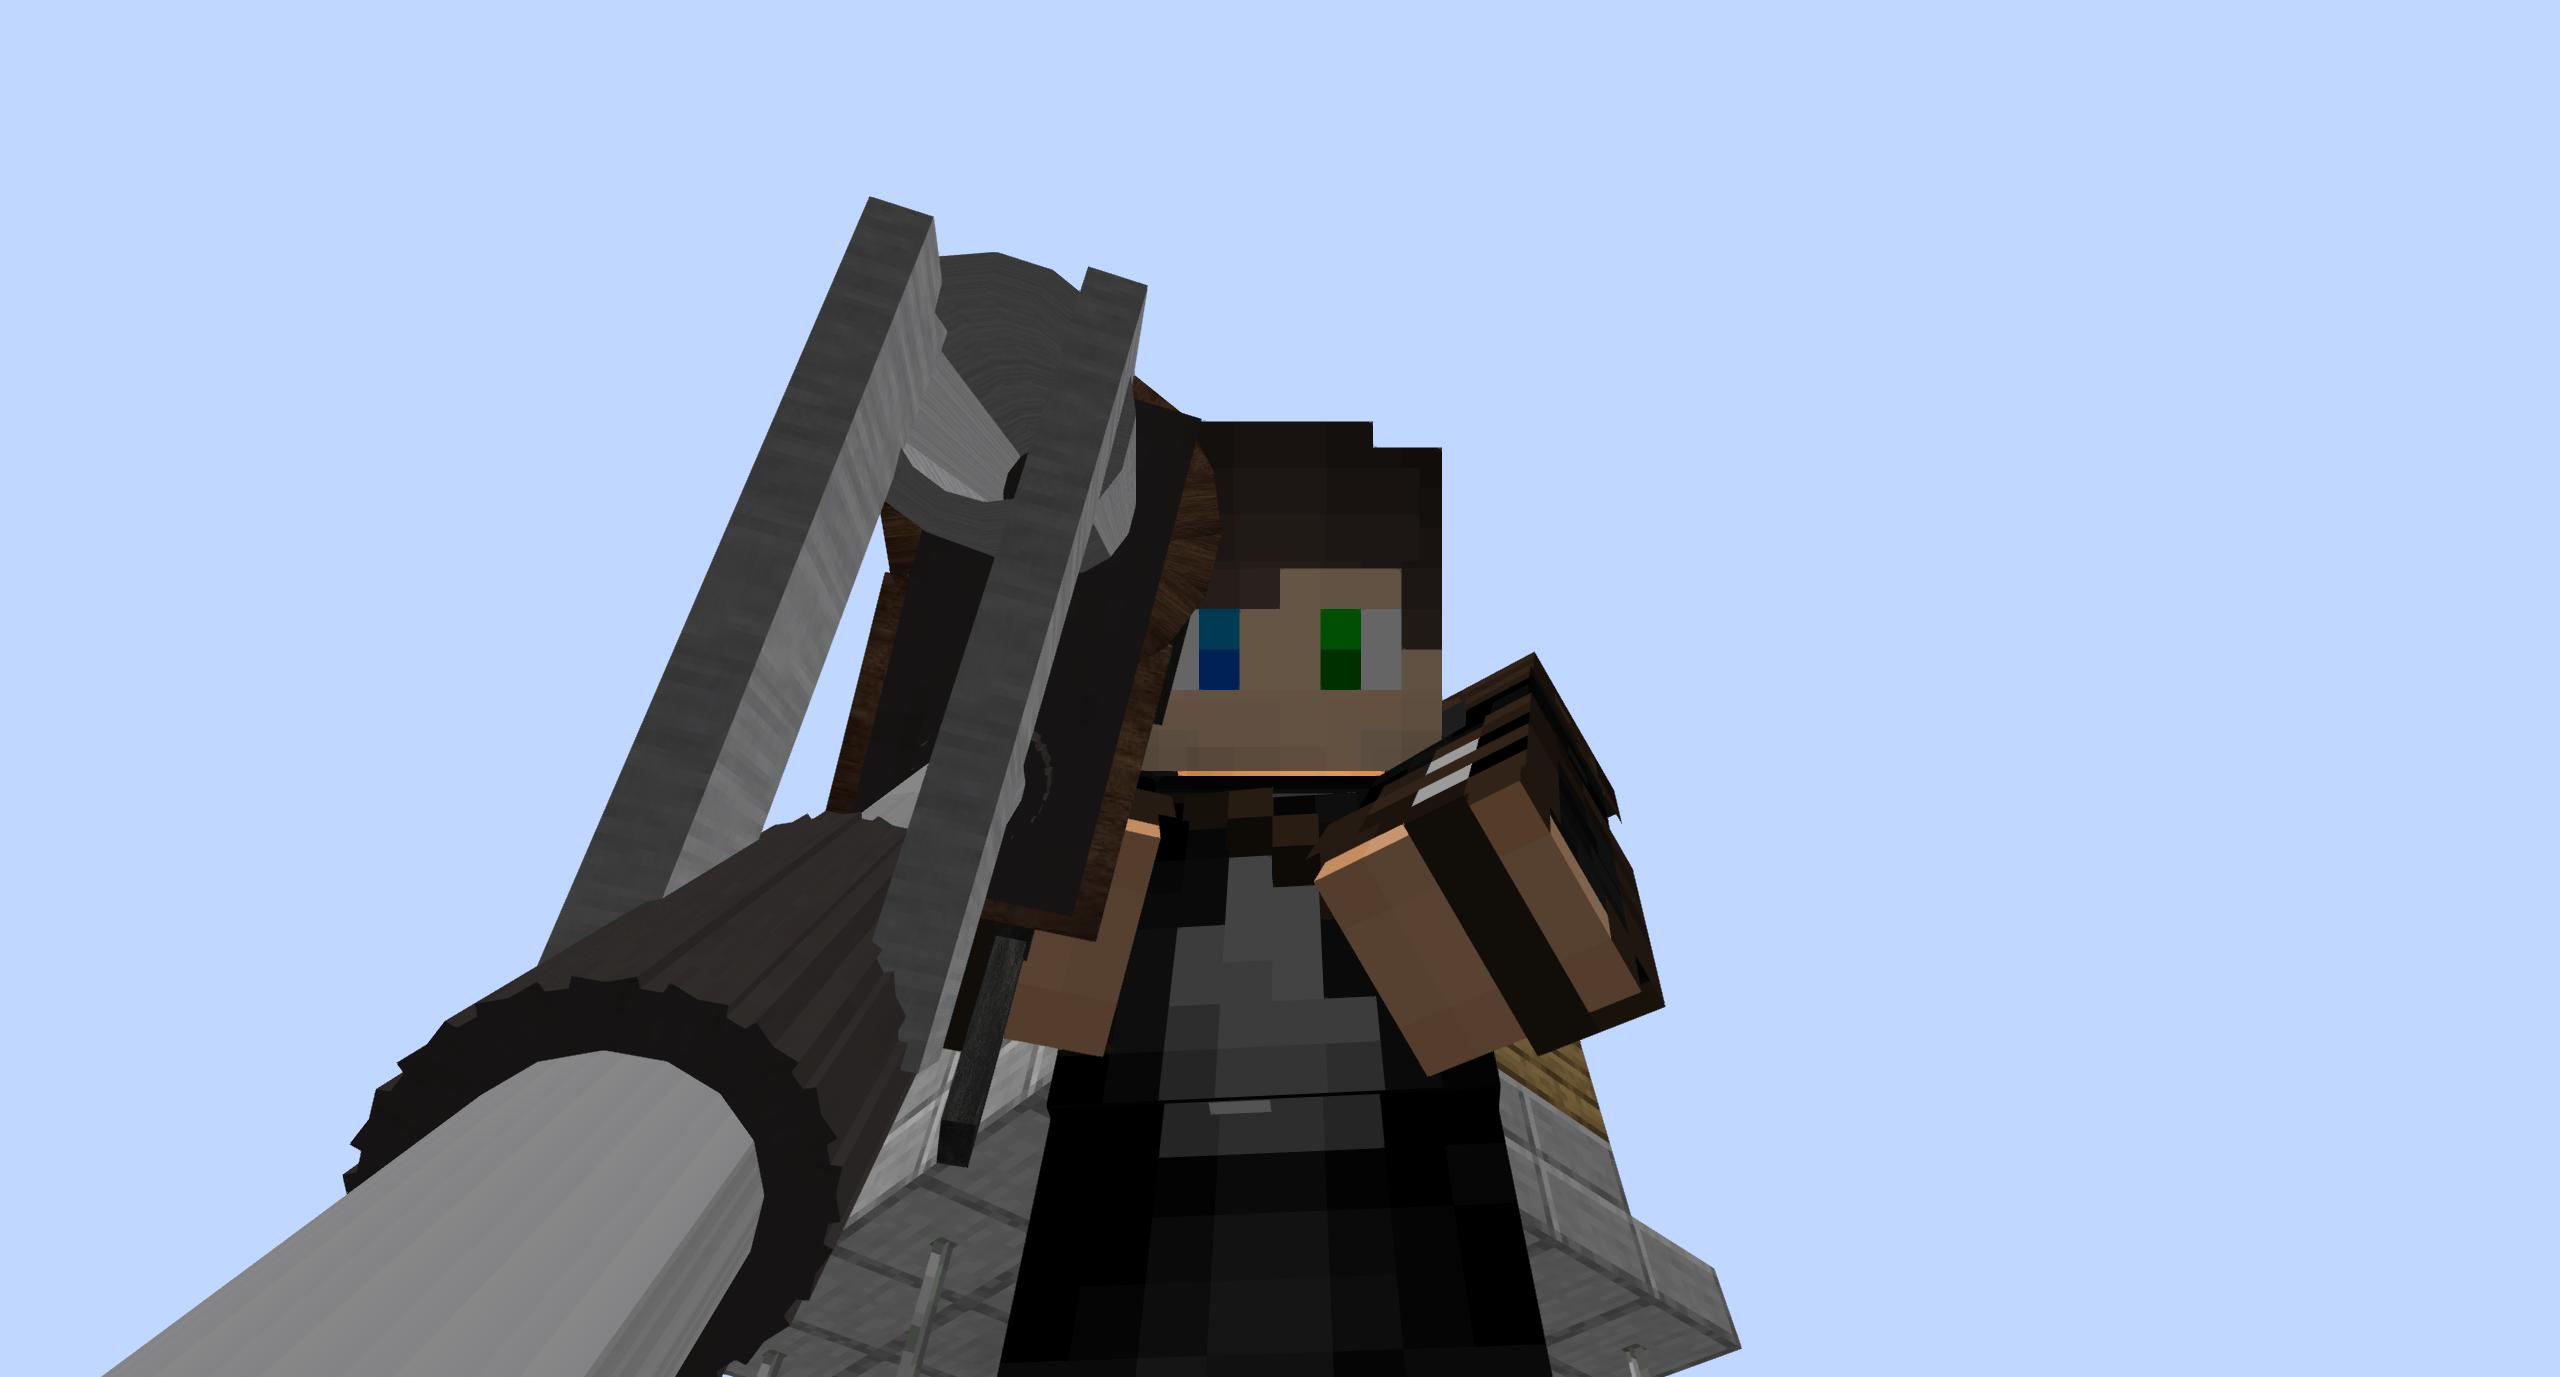 Мод «Atomic Explosions» (Взрывчатка и оружие) - скриншот 3